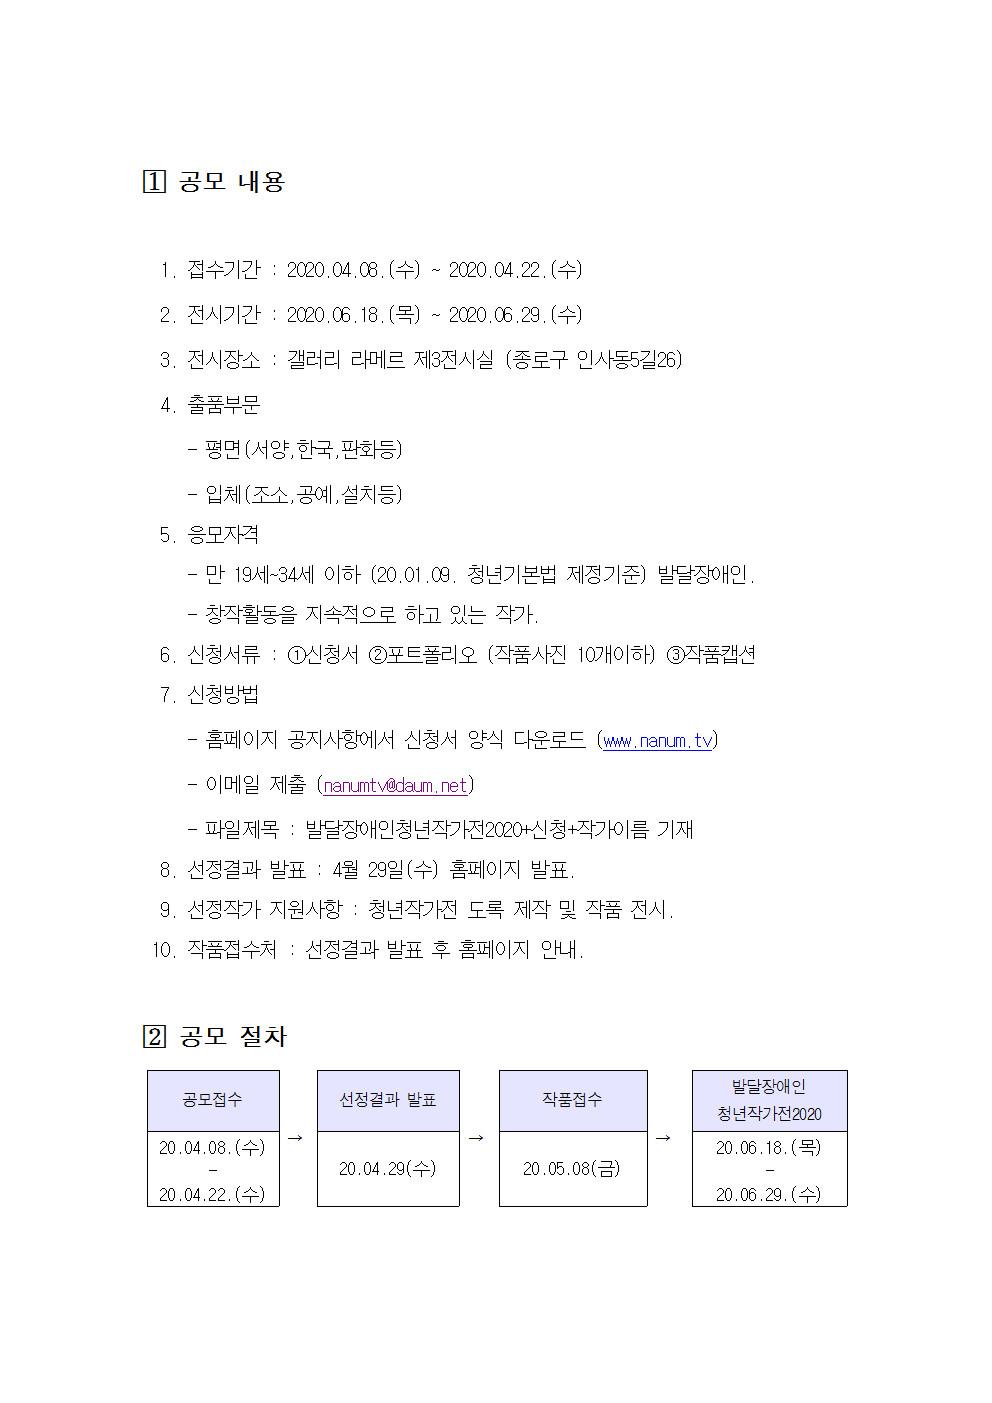 발달장애인청년작가전2020+공모요강+최종 (4).jpg